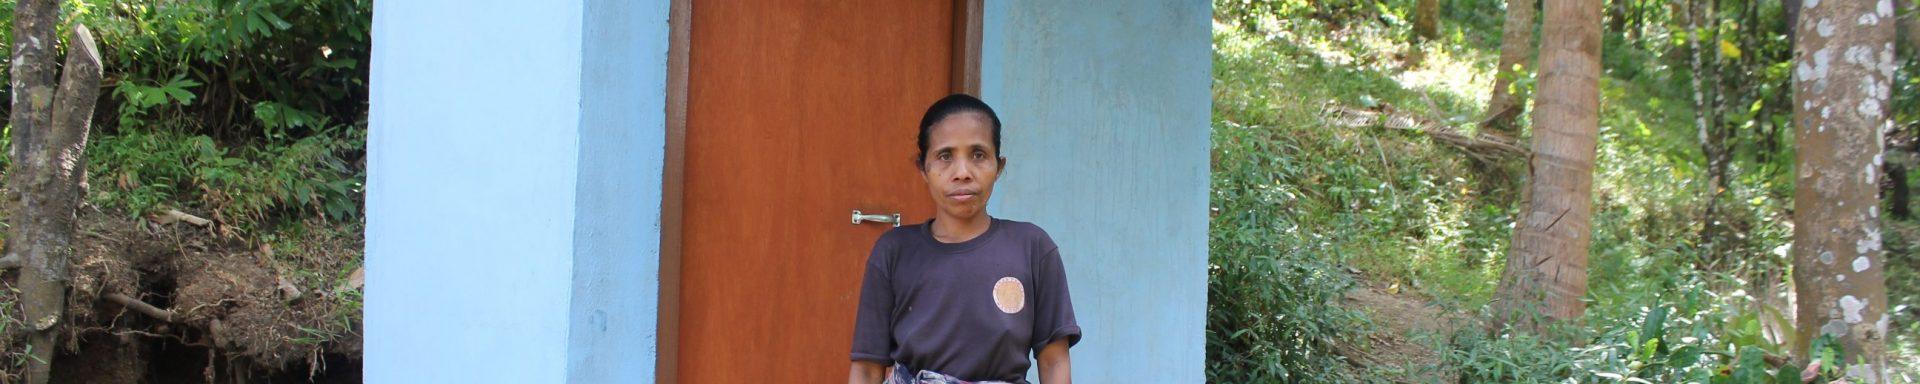 Een meisje poseert bij een nieuw toiletgebouw in Indonesië.